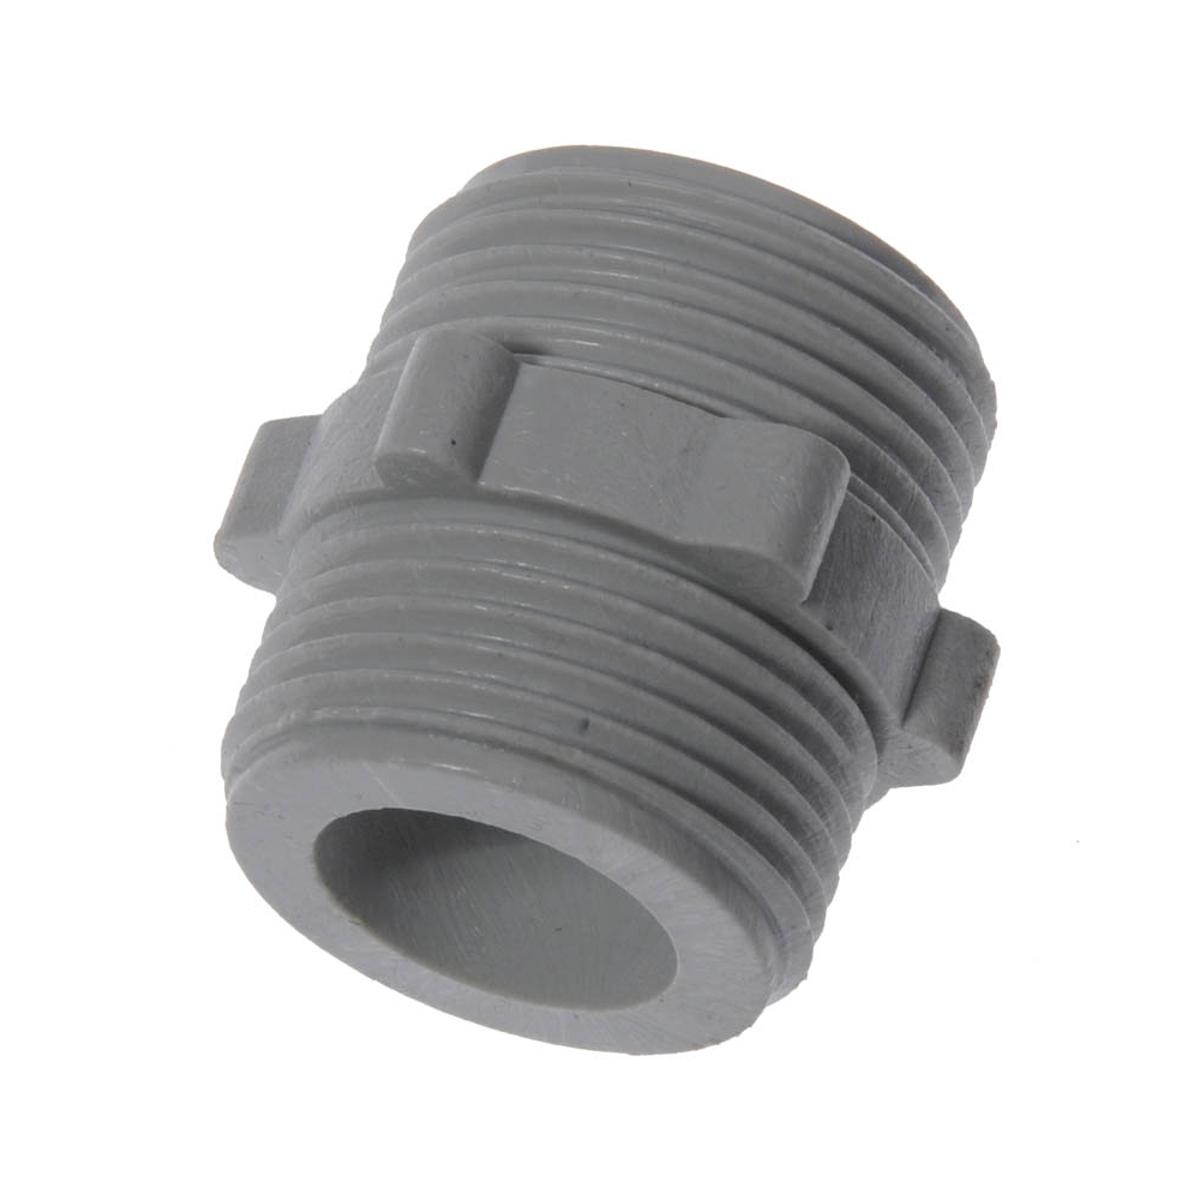 Ниппель МастерПроф, наружная резьба 3/4ИС.130482Ниппель (бочонок) пластиковый представляет из себя соединительную трубку, предназначенную для временного или постоянного герметичного соединения двух заливных шлангов друг с другом.Размер: 3/4 (20 мм).Материал: пластик.